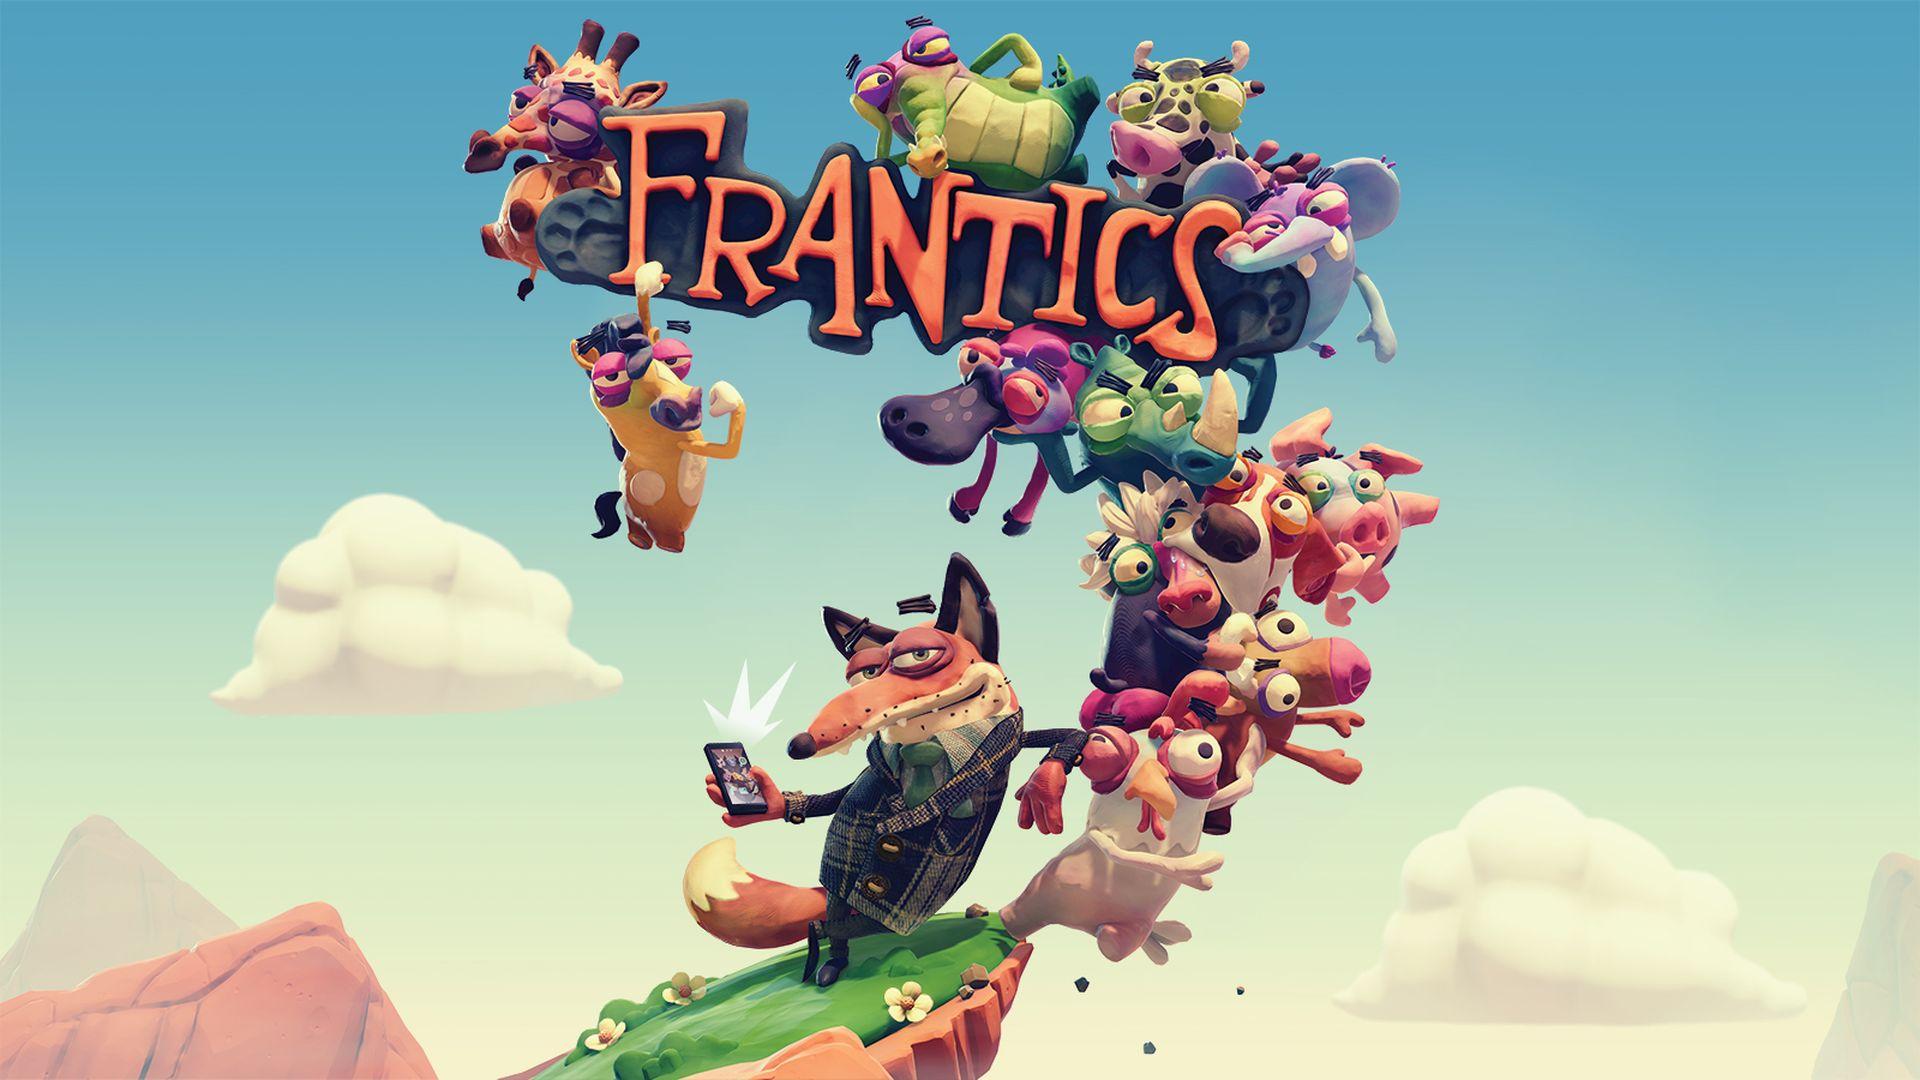 Обзор игры Frantics: «Королевская битва», не вставая с дивана